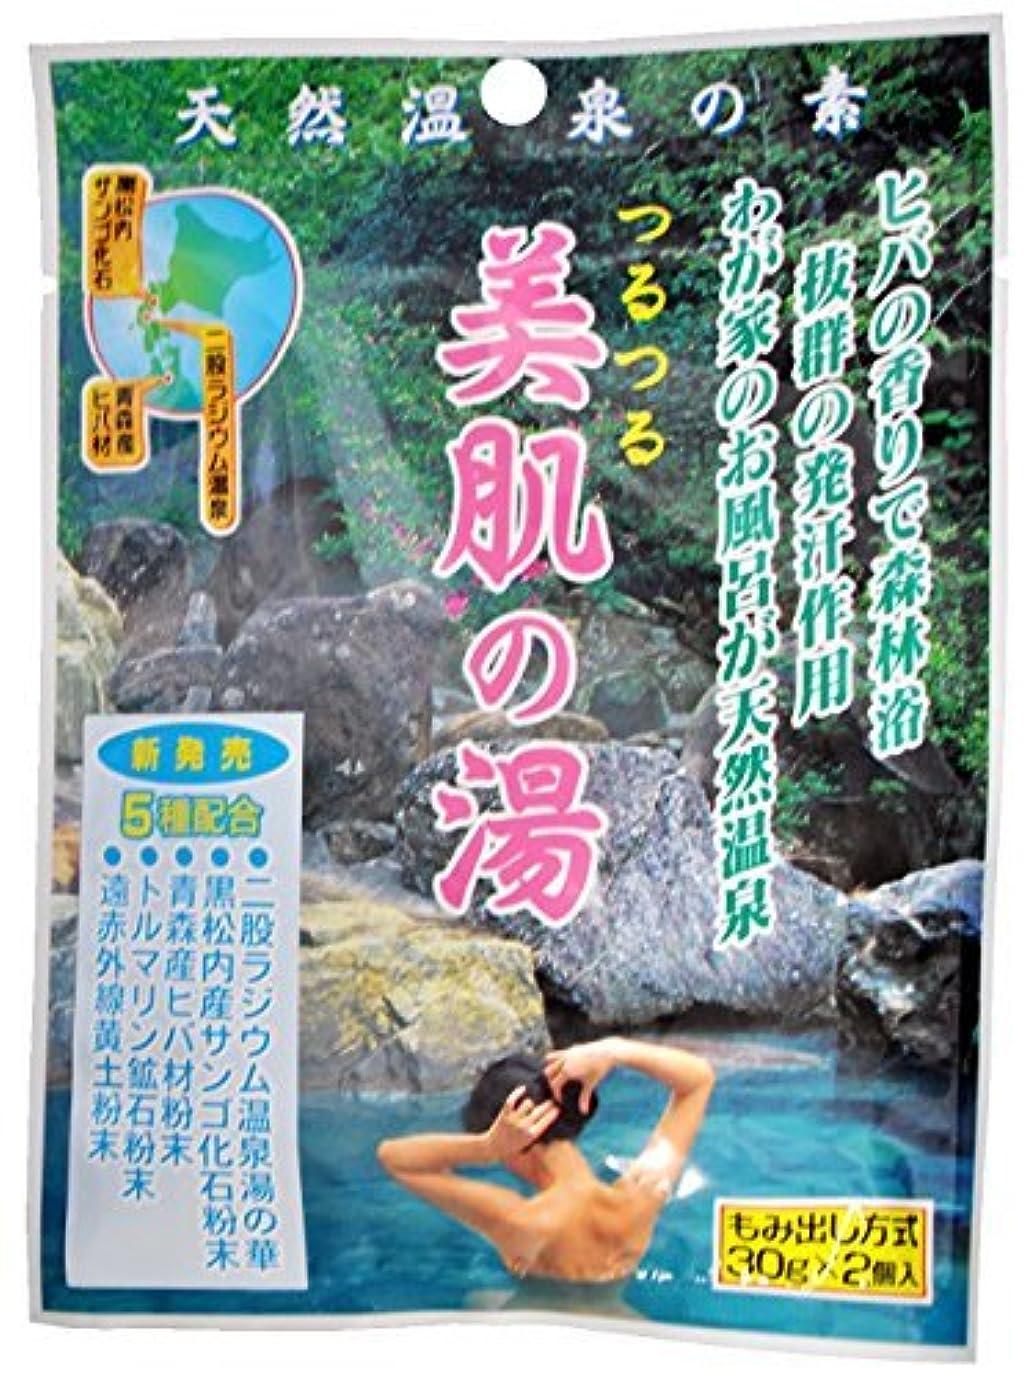 株式一般化するランドリー【まとめ買い】天然成分入浴剤 つるつる 美肌の湯 2袋入 二股ラジウム温泉の湯の華 ×4個